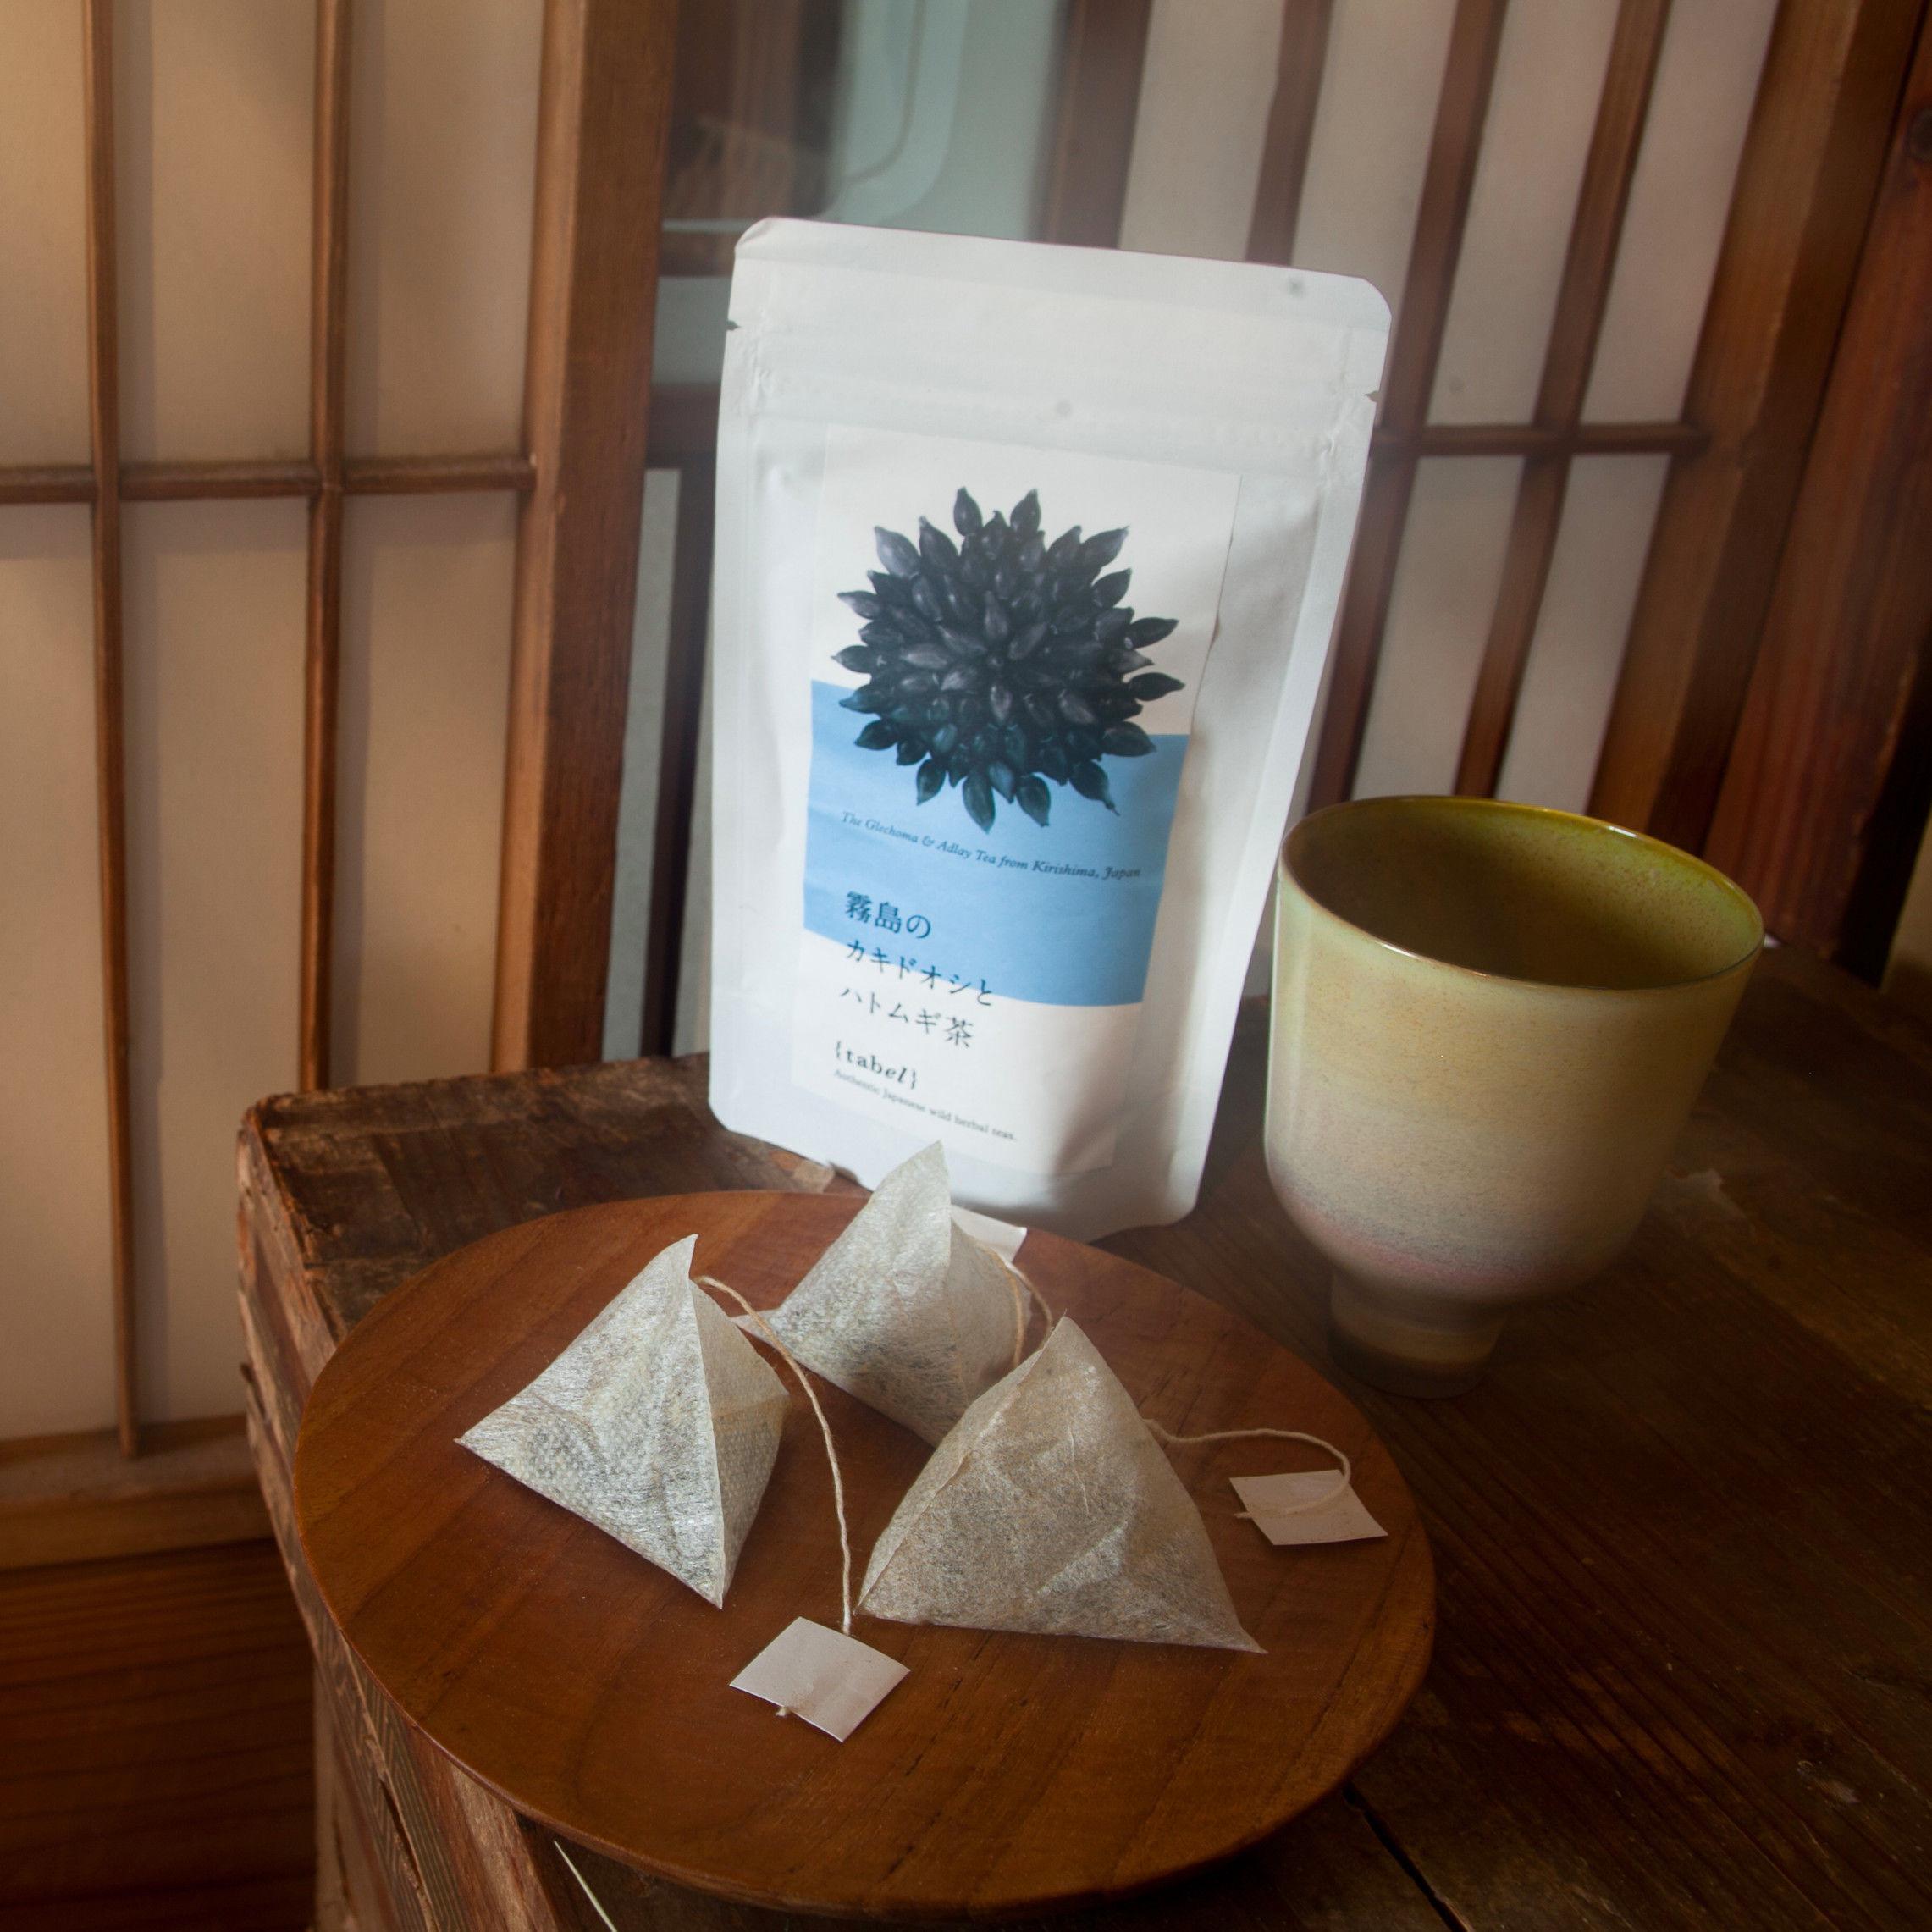 霧島のカキドオシとハトムギ茶 ティバッグ15個入/スタンド袋